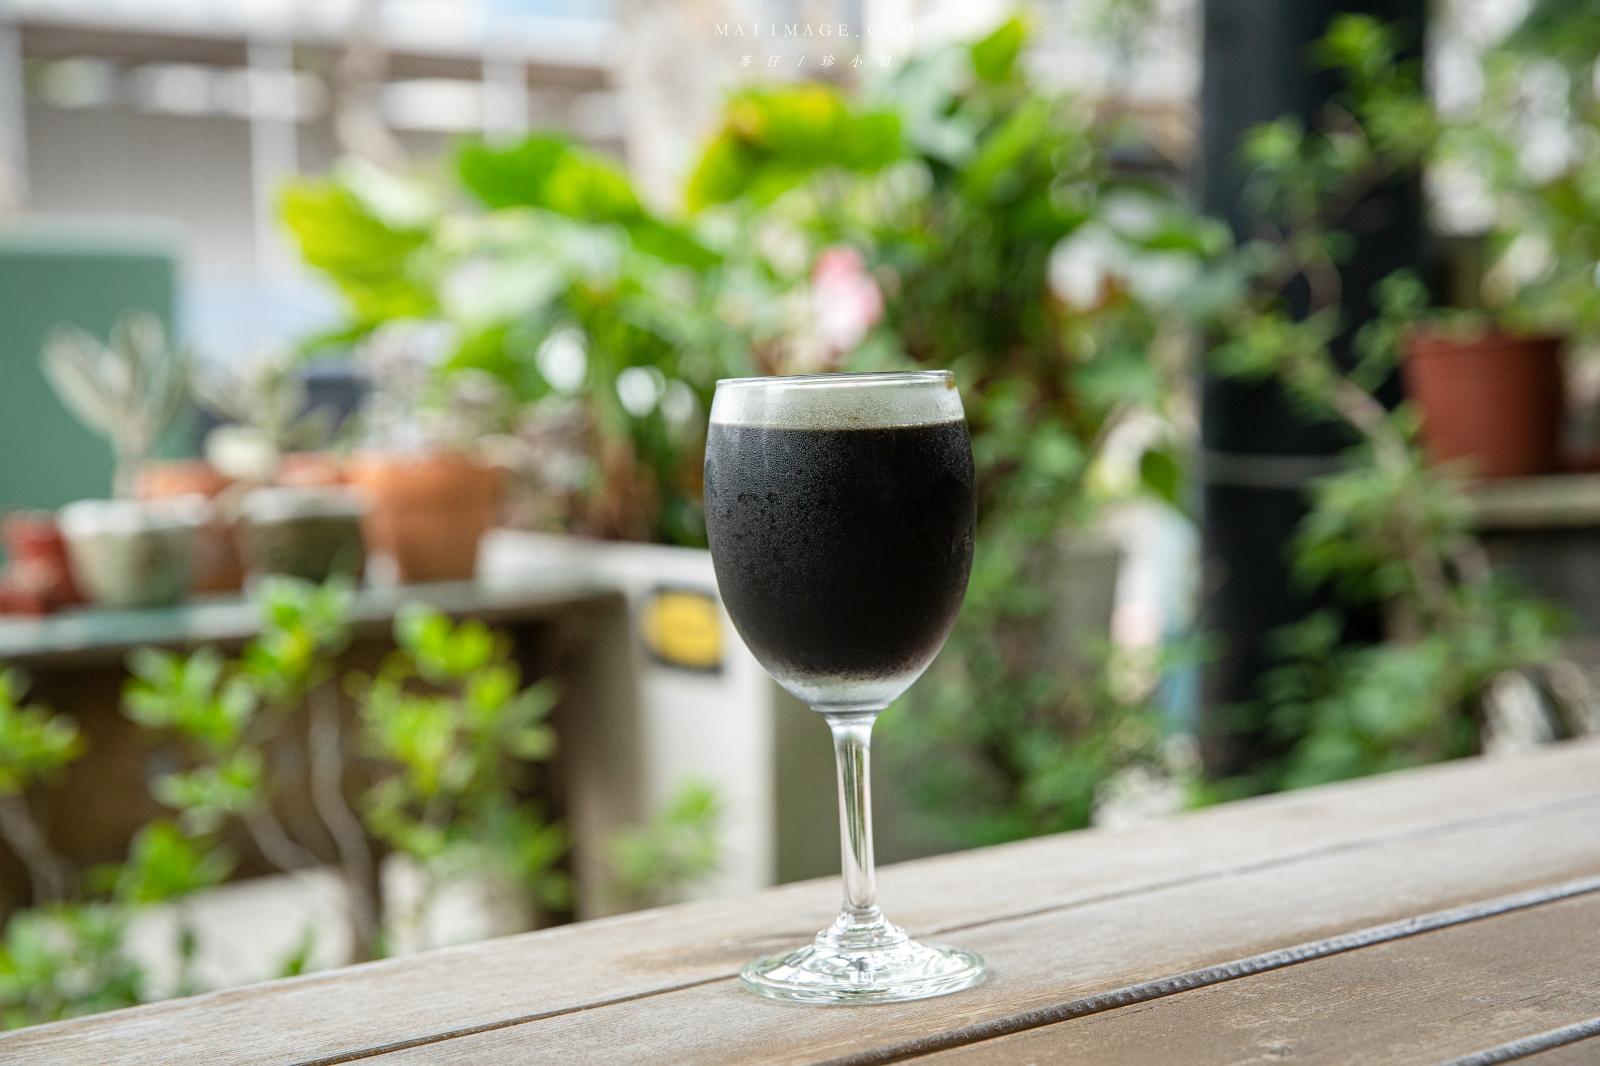 『2021 TSCA日日金杯』野夫咖啡、烘焙者咖啡、閃咖啡、赫米斯咖啡、歐克法咖啡。限時店家聯合優惠~88折起!文末有抽獎活動喔